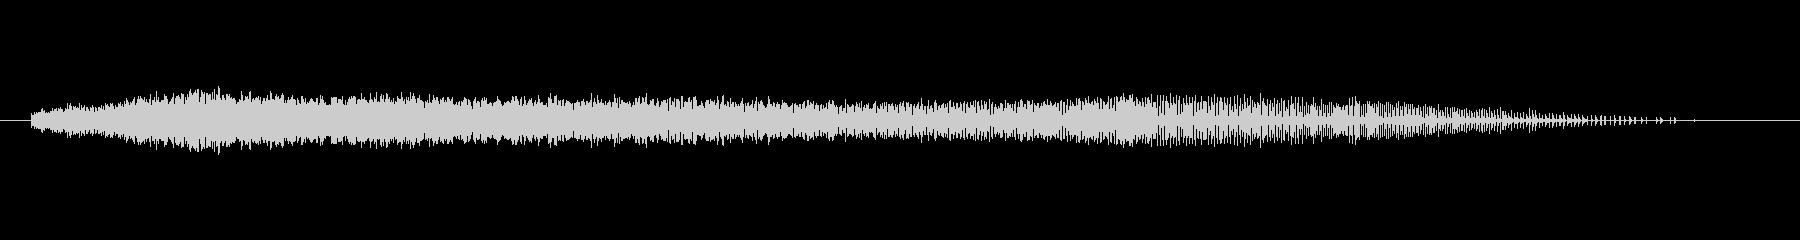 ドアベル4の未再生の波形